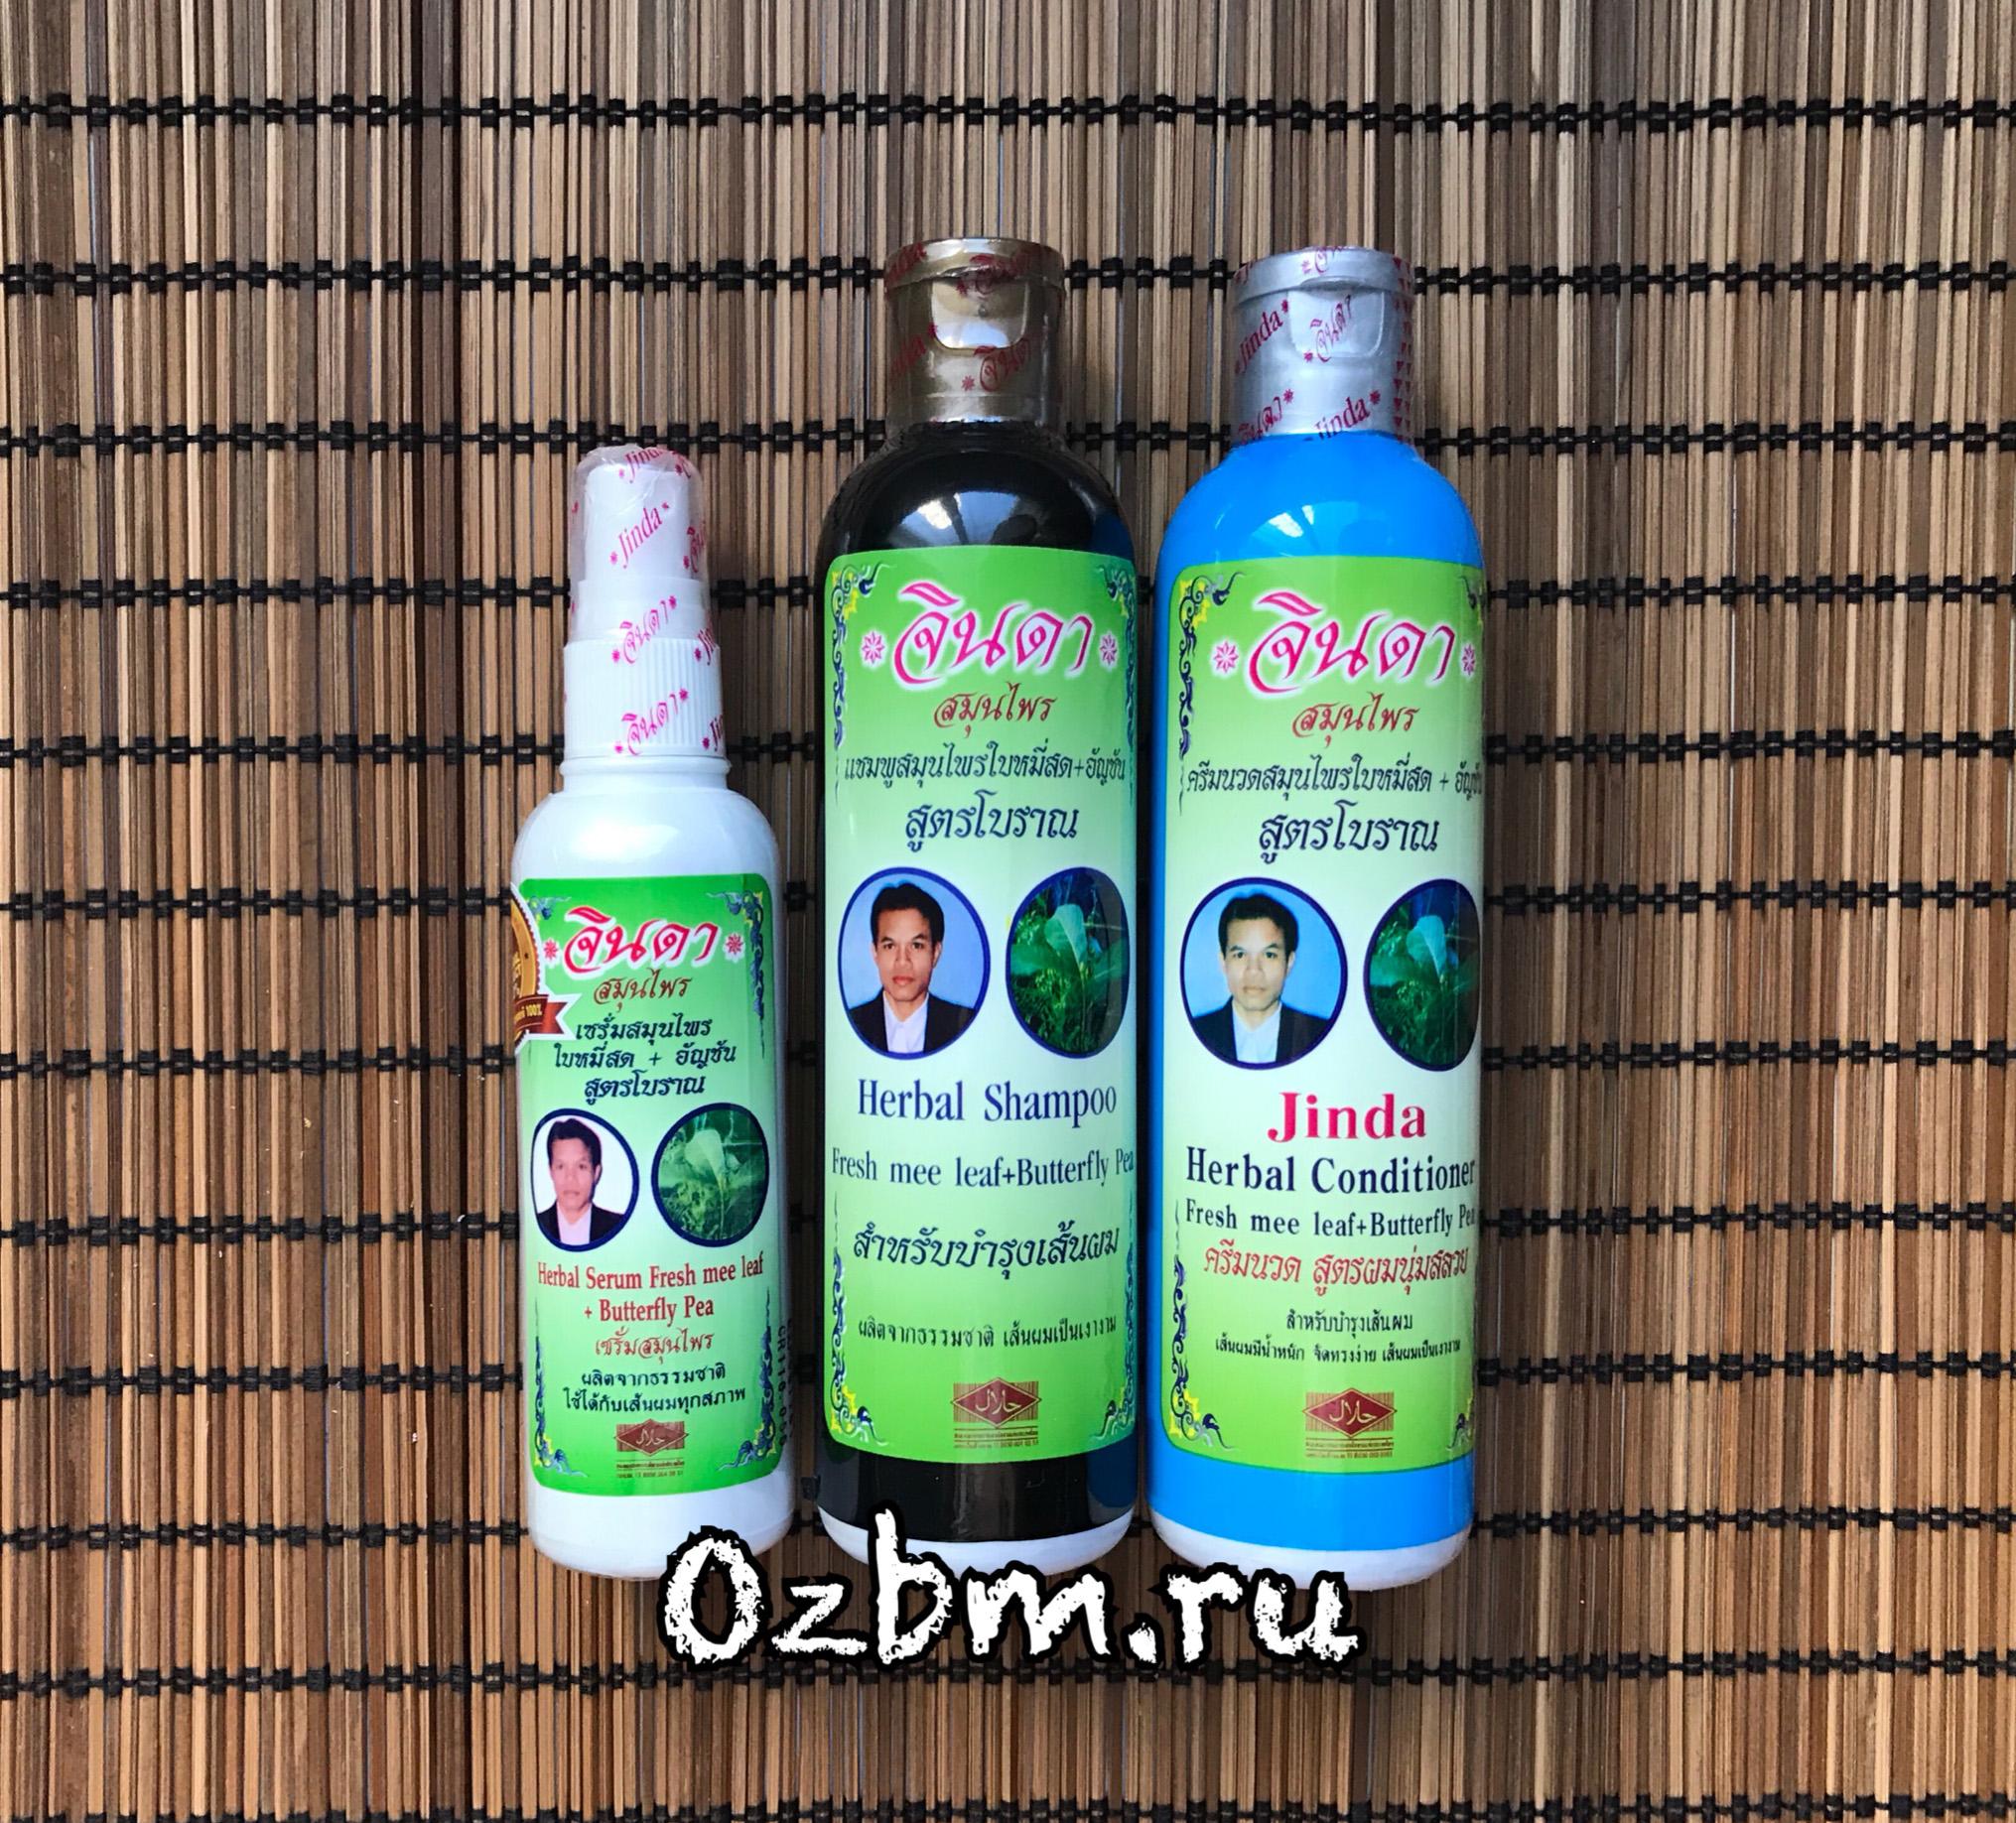 Тайские шампуни и кондиционеры от выпадения волос и для роста волос Натуральные шампуни и кондиционеры от выпадения волос и для роста волос из Тайланда